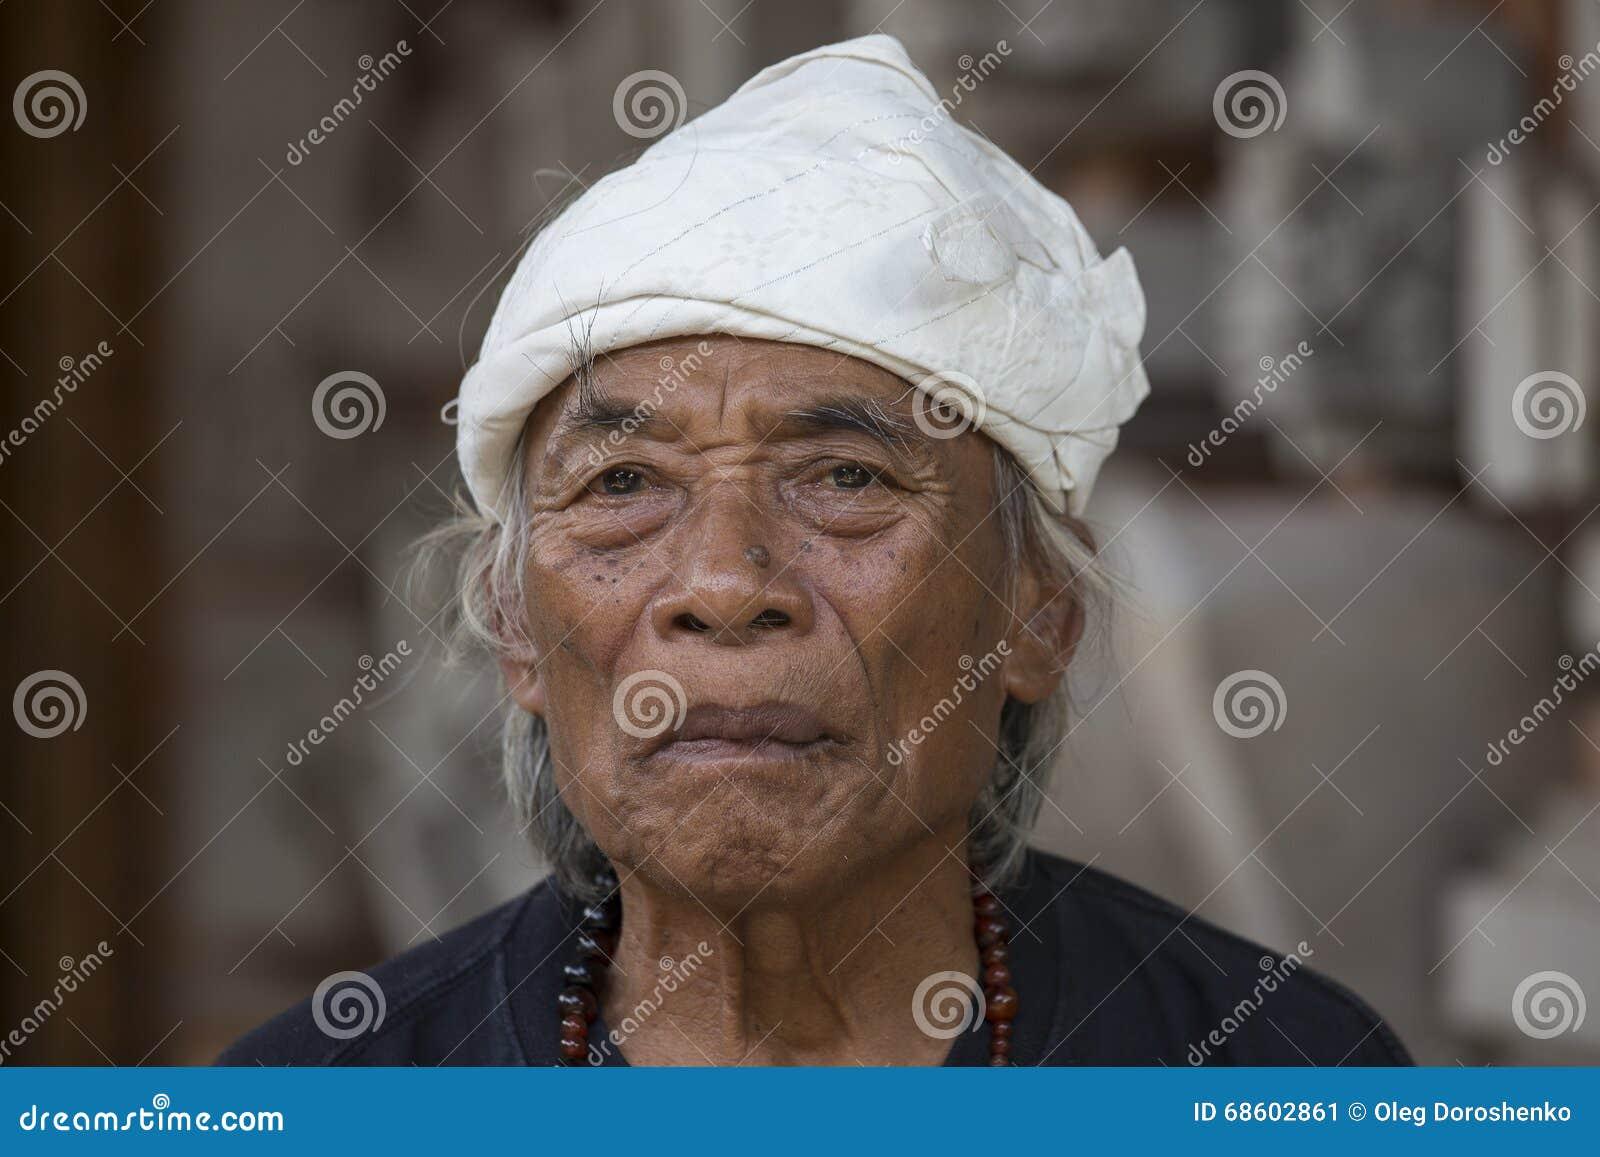 Portret Ketut Liyer, tradycyjny uzdrowiciel który grał główna rolę w filmu, Je Modli się miłości z Julia Roberts Ubud, Bali, Indo